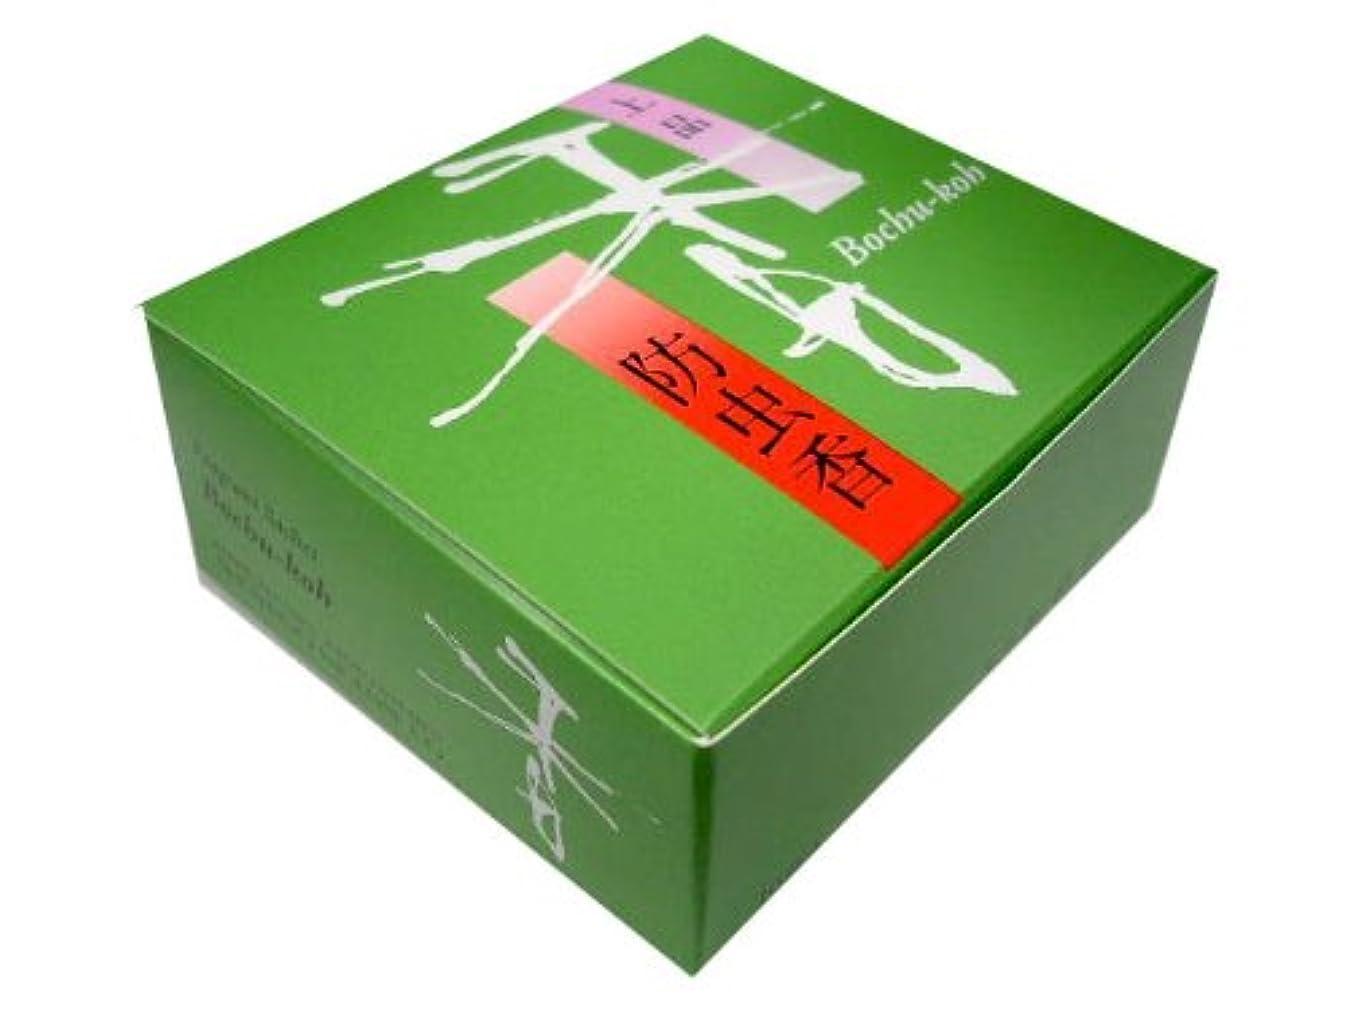 優遇スライム仮定、想定。推測松栄堂の防虫香 上品 防虫香 10袋入 #520138